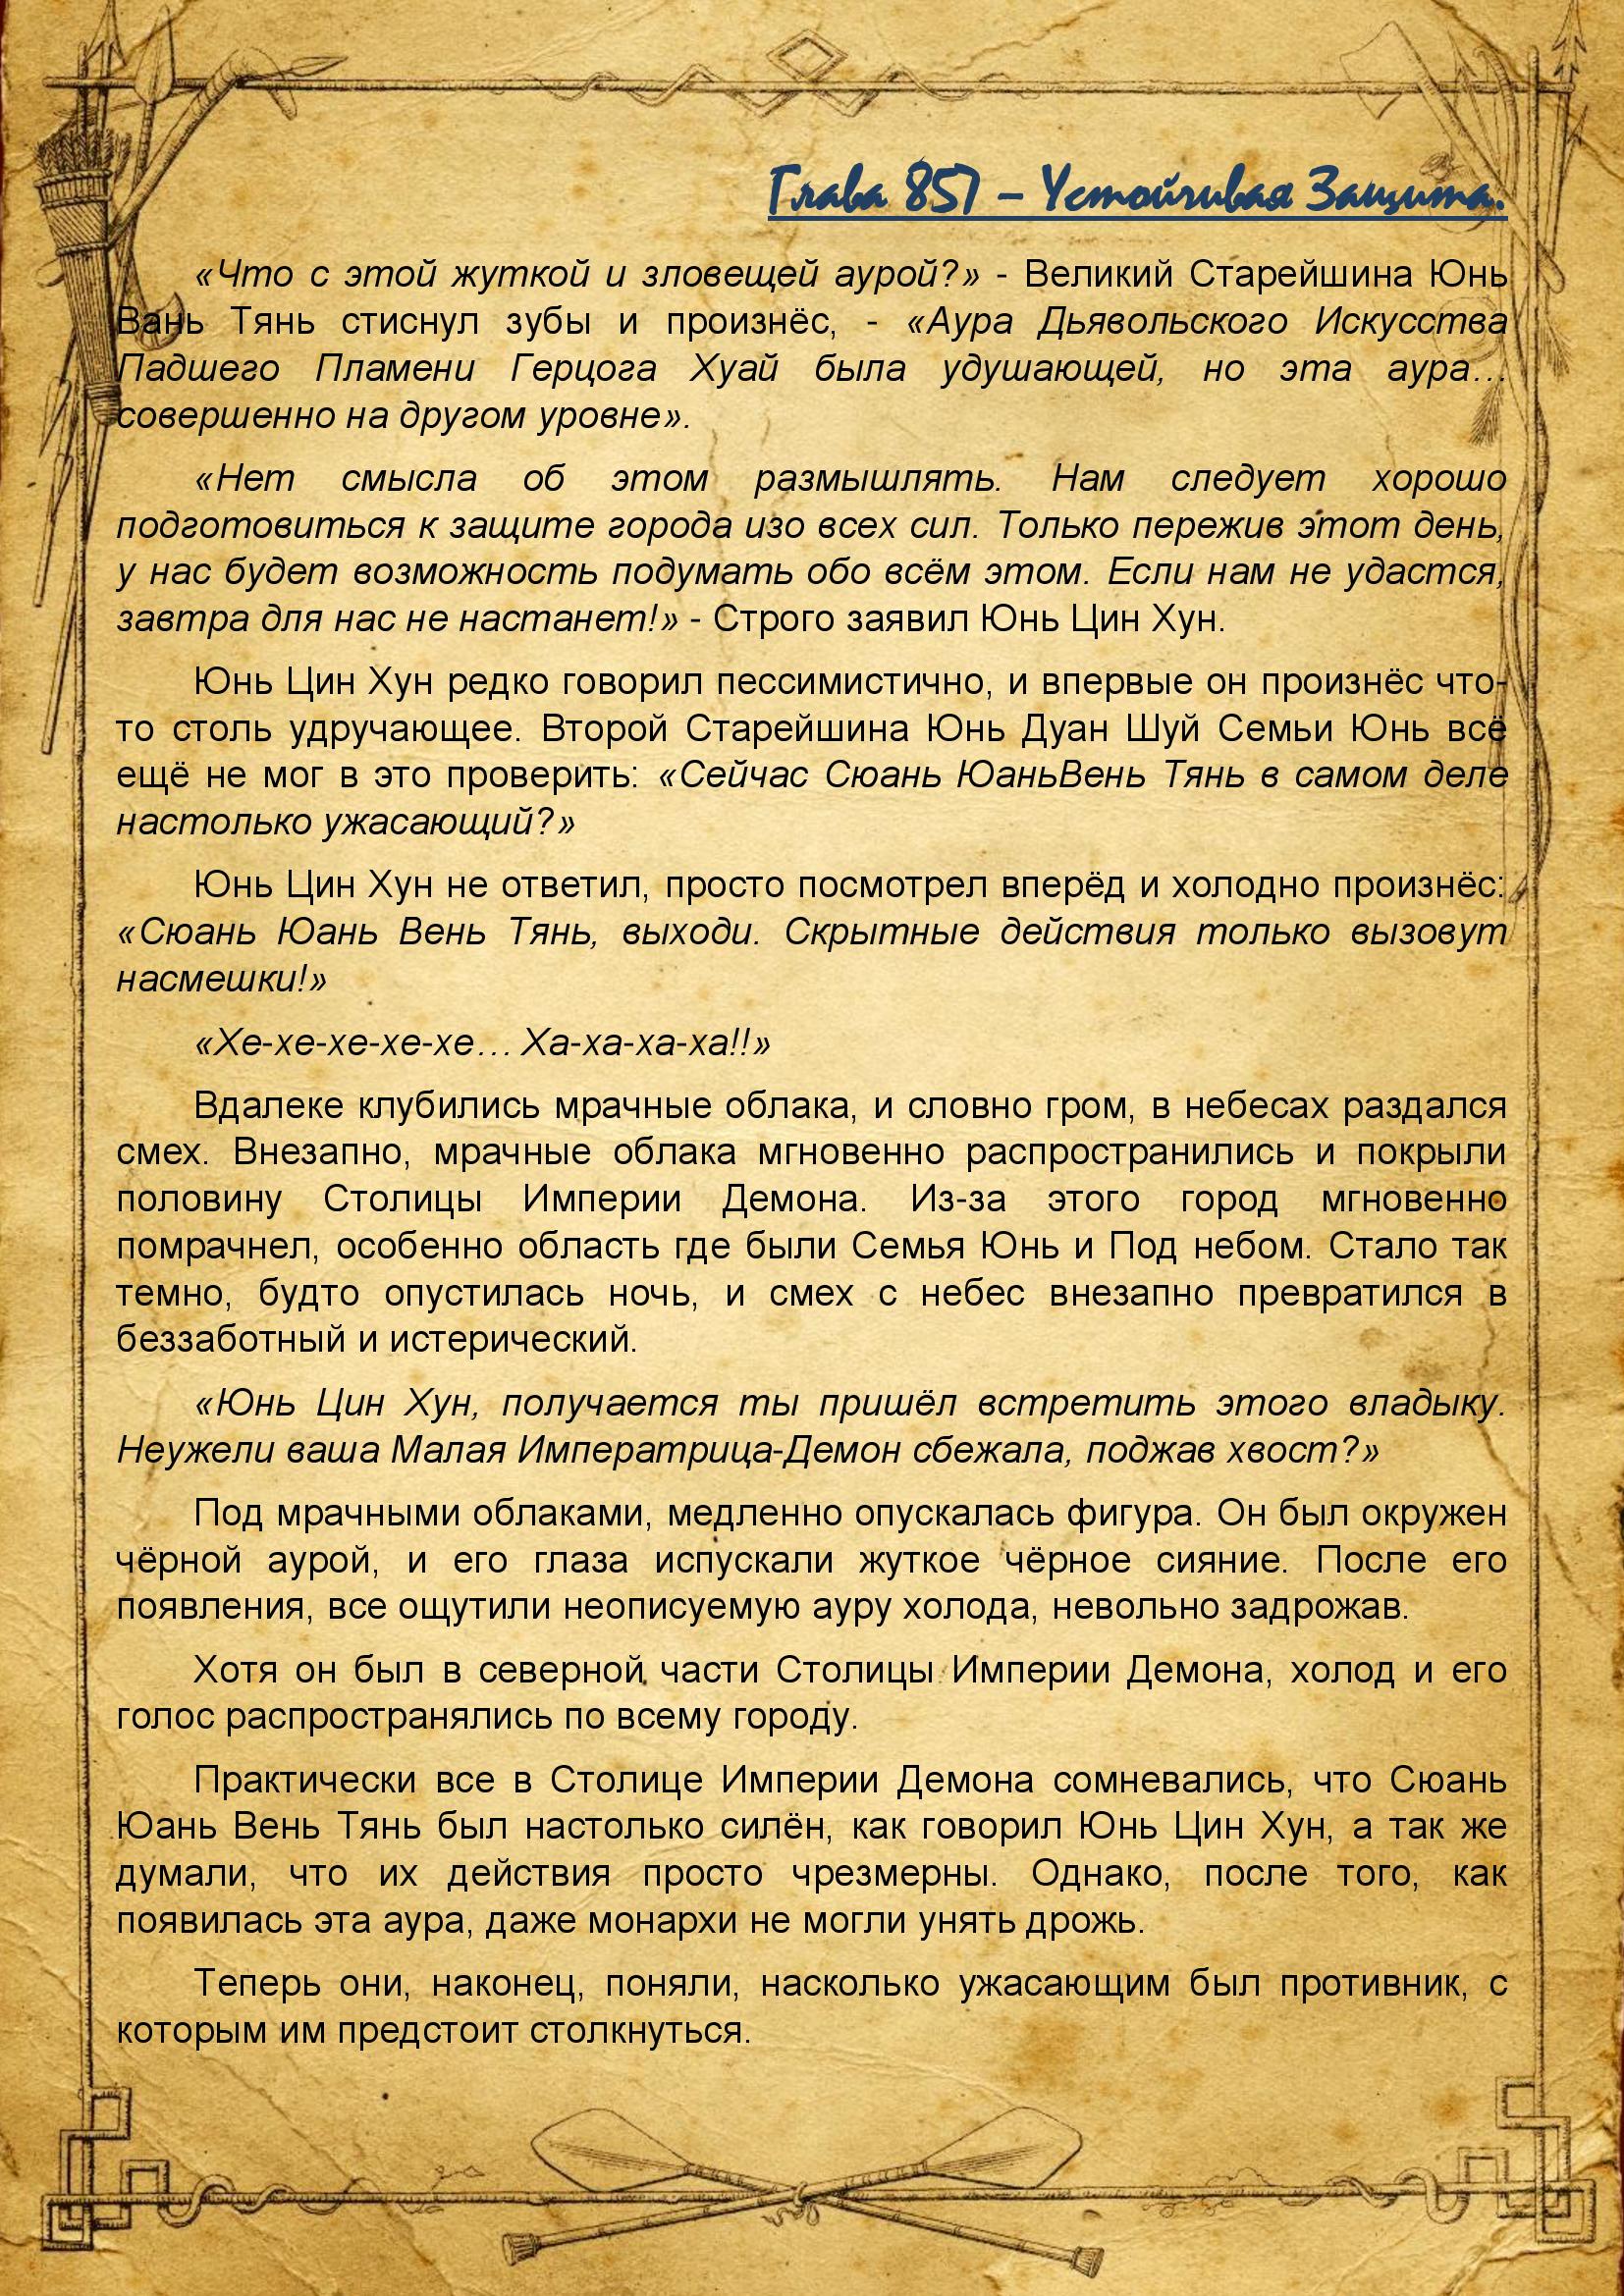 Восставший против Неба v8 - 857